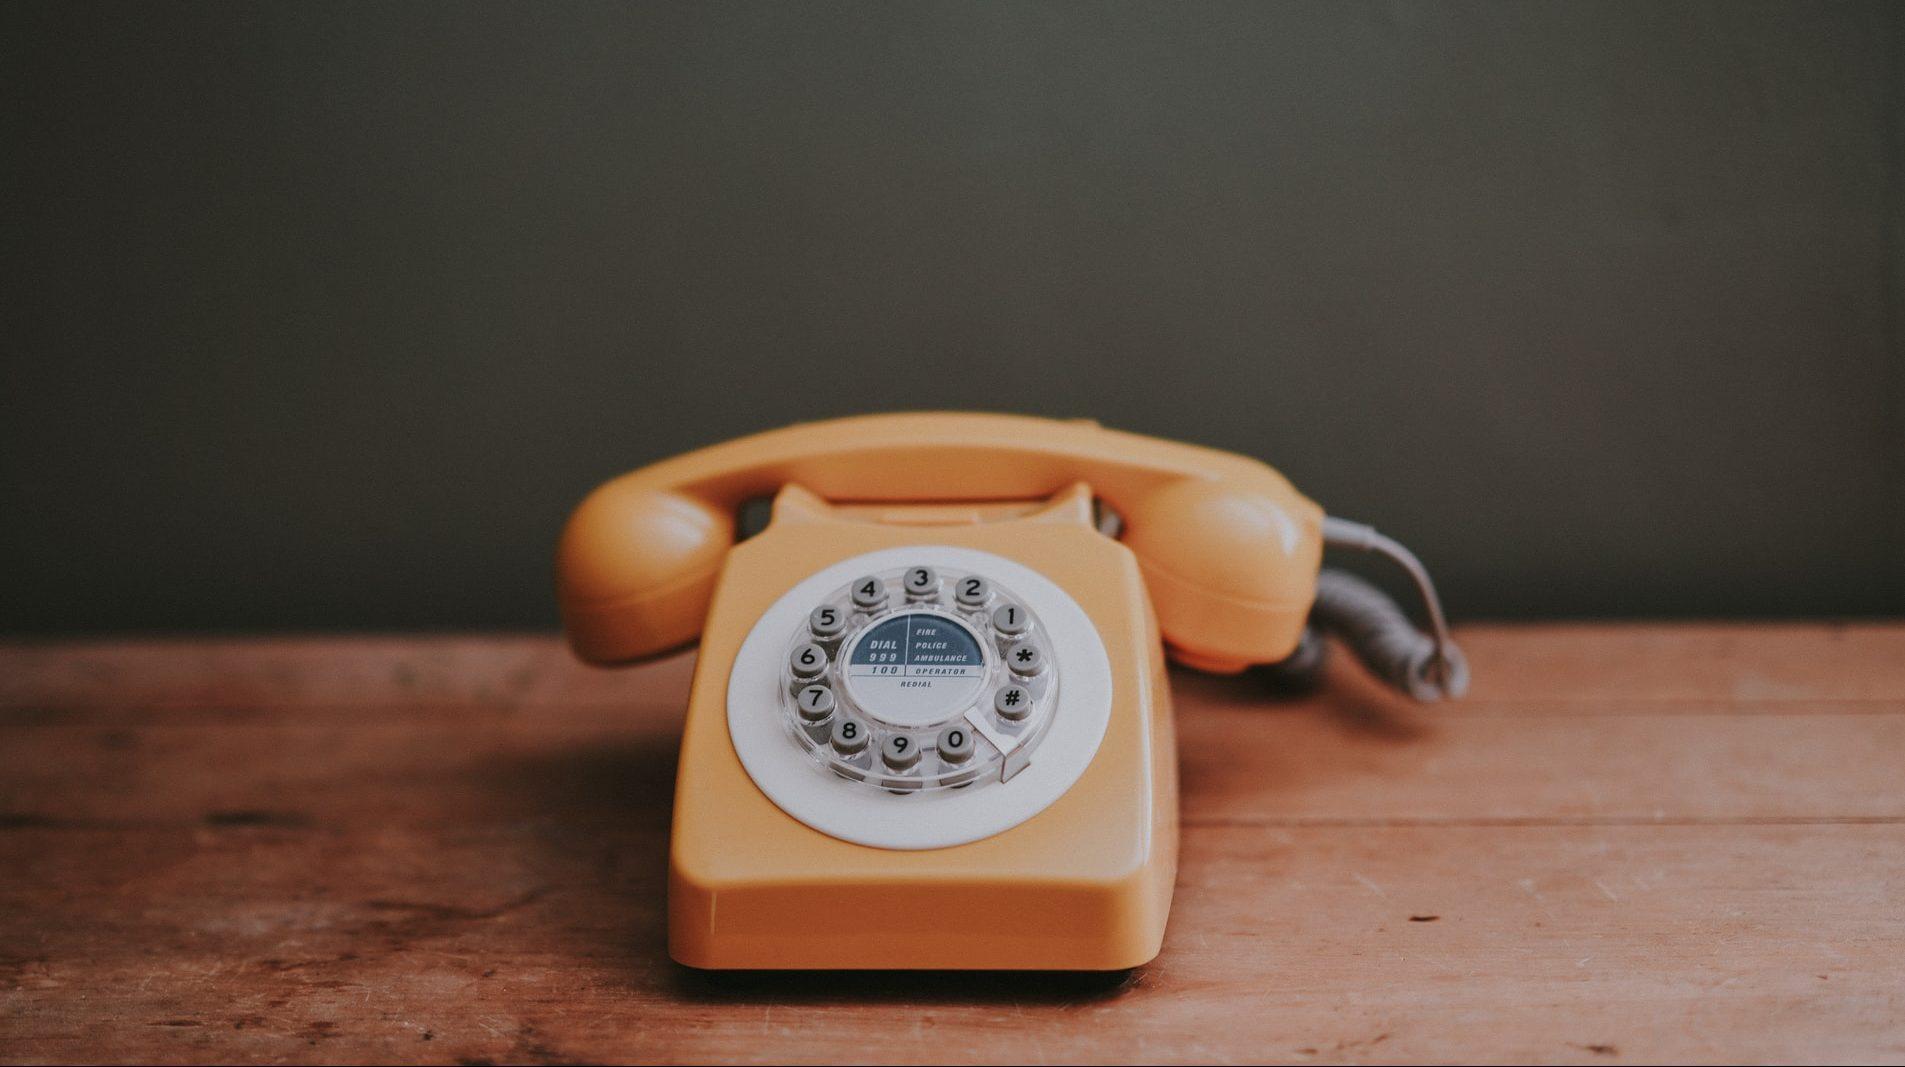 ทํานายนิสัย จากเบอร์โทรศัพท์